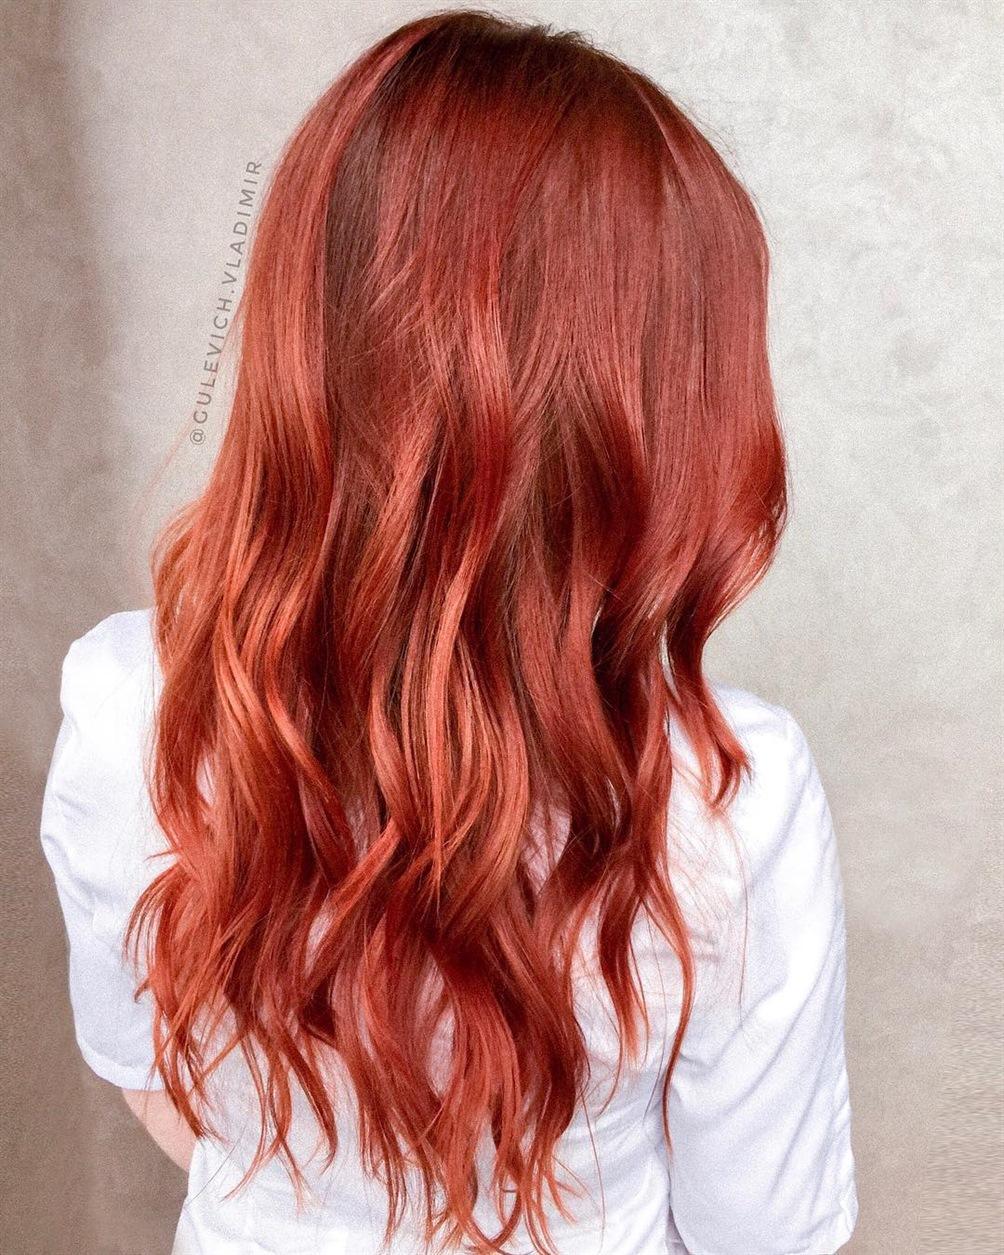 Frisuren 2021 Haarfarben Rote